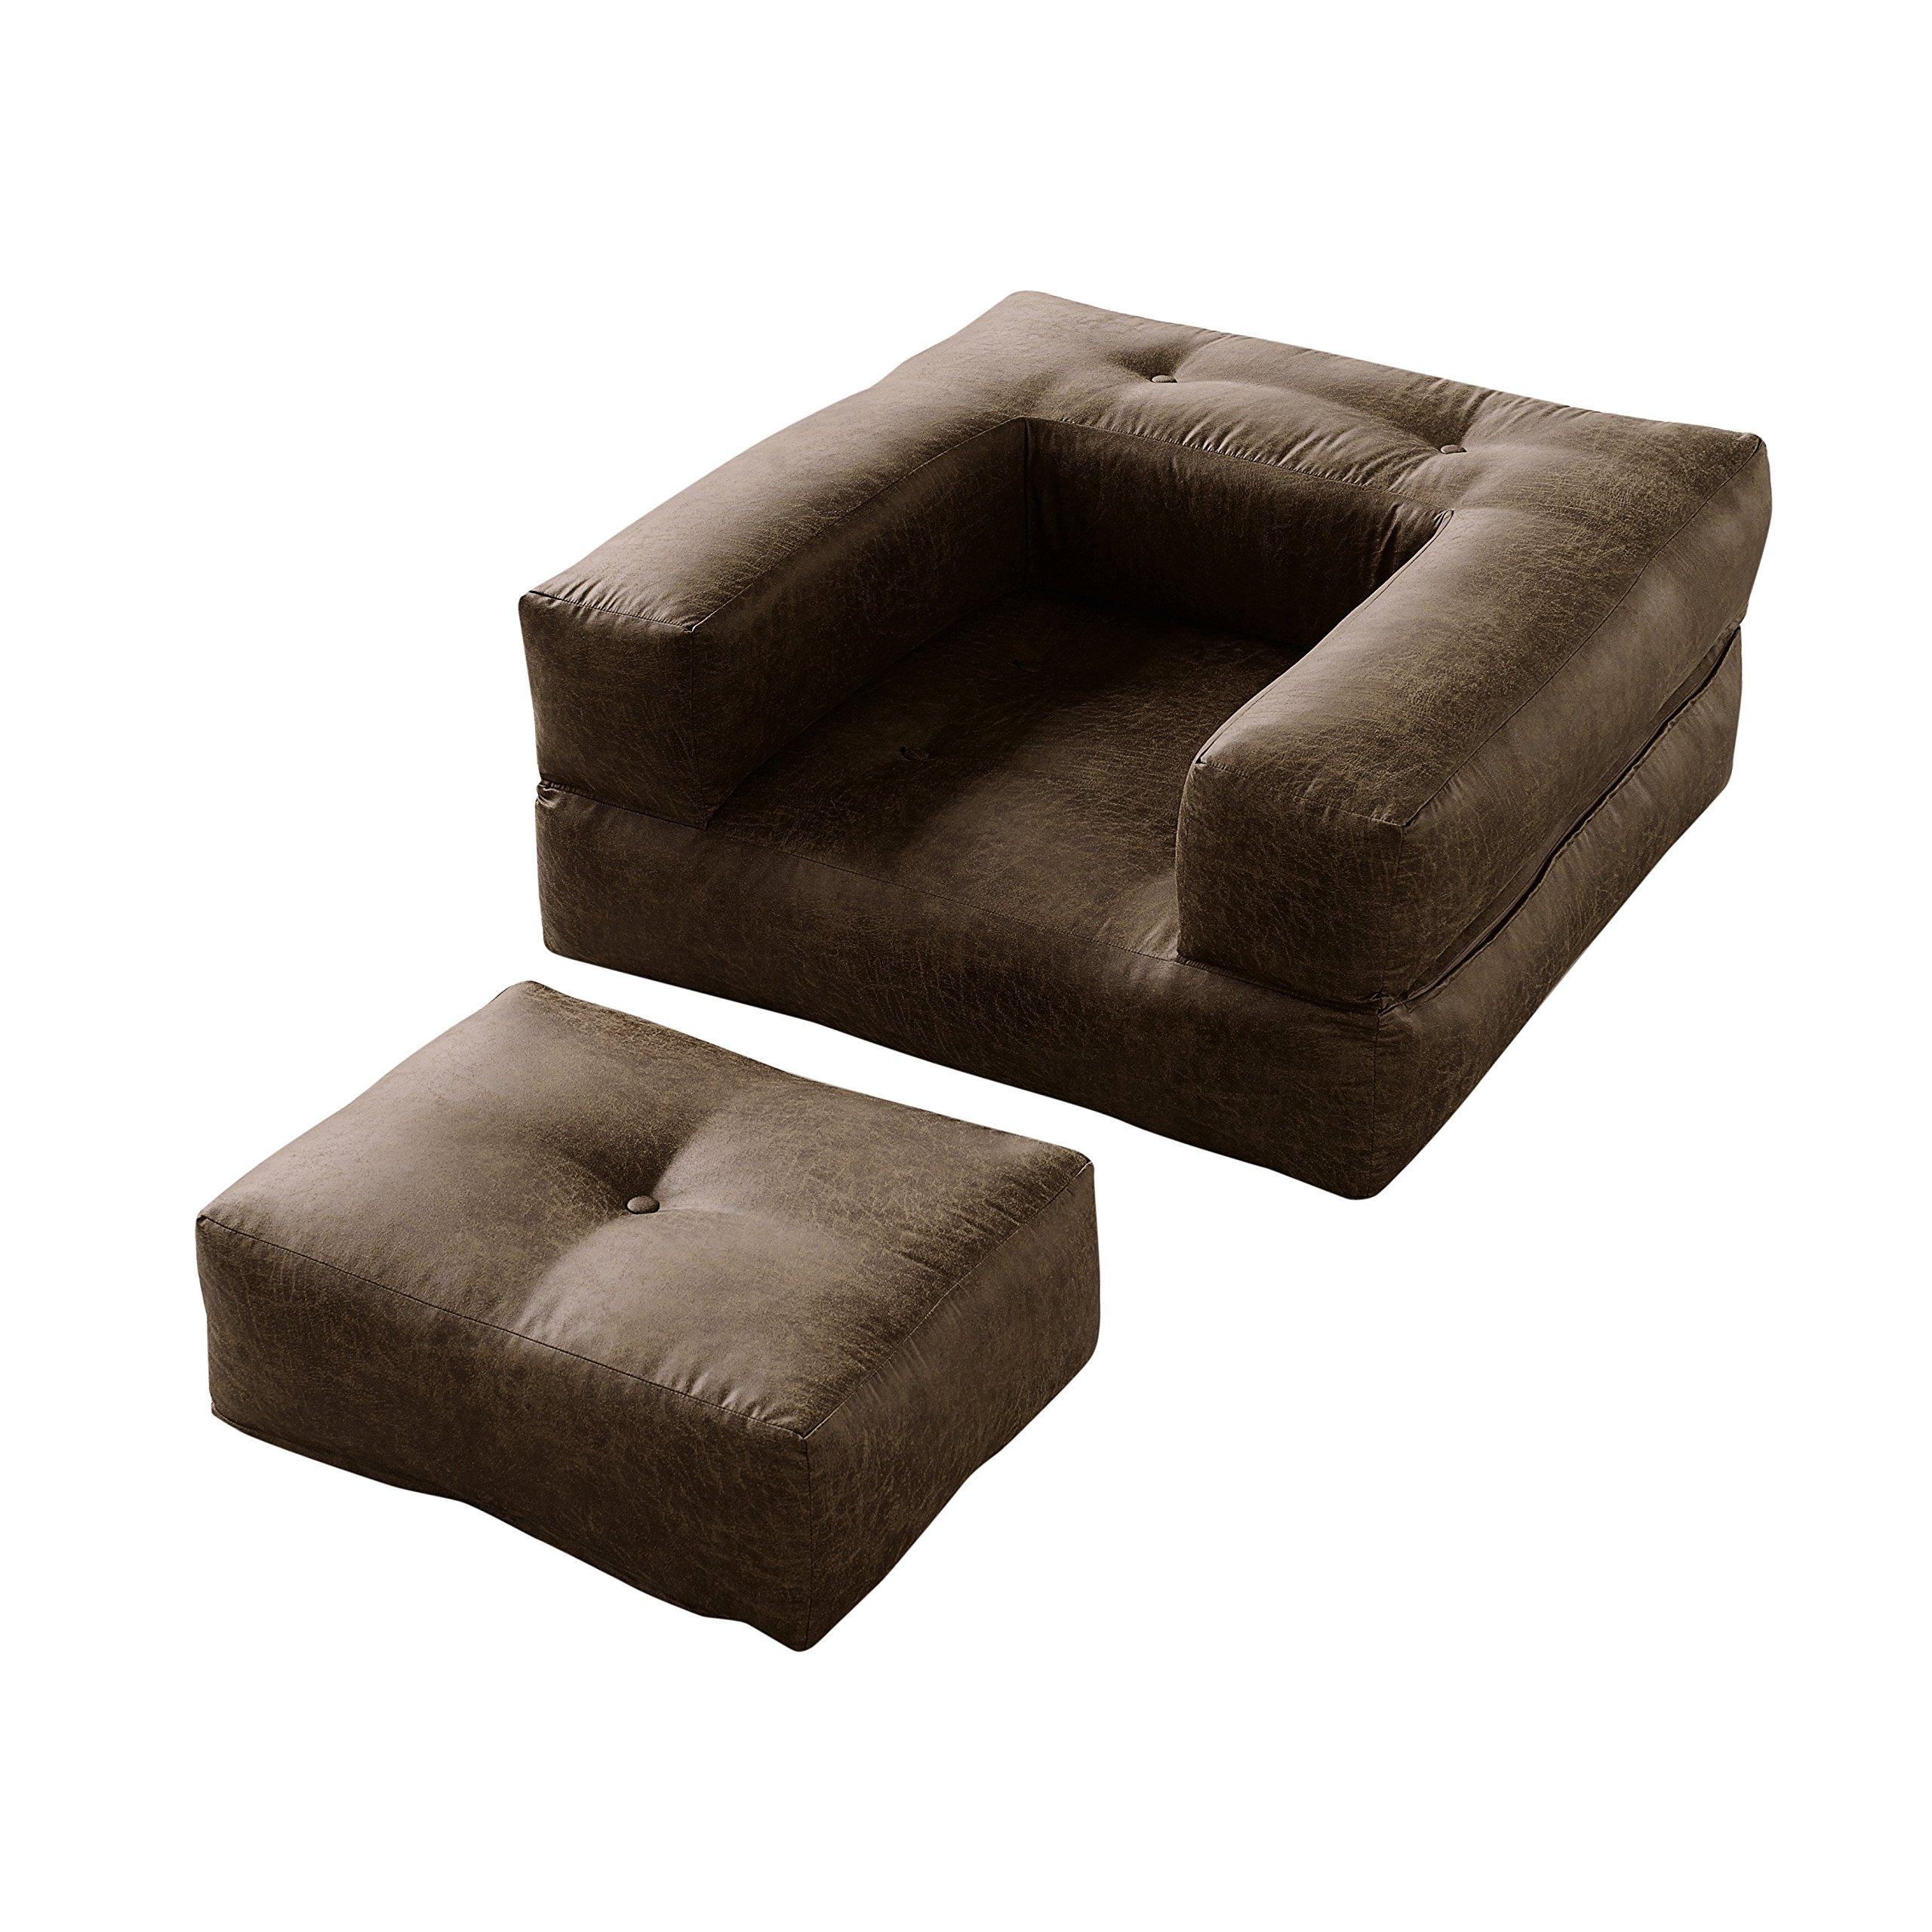 Karup Cube Chair Sedia, Cottone/Poliestere, Choco 502, 95 x 90 x 50 cm